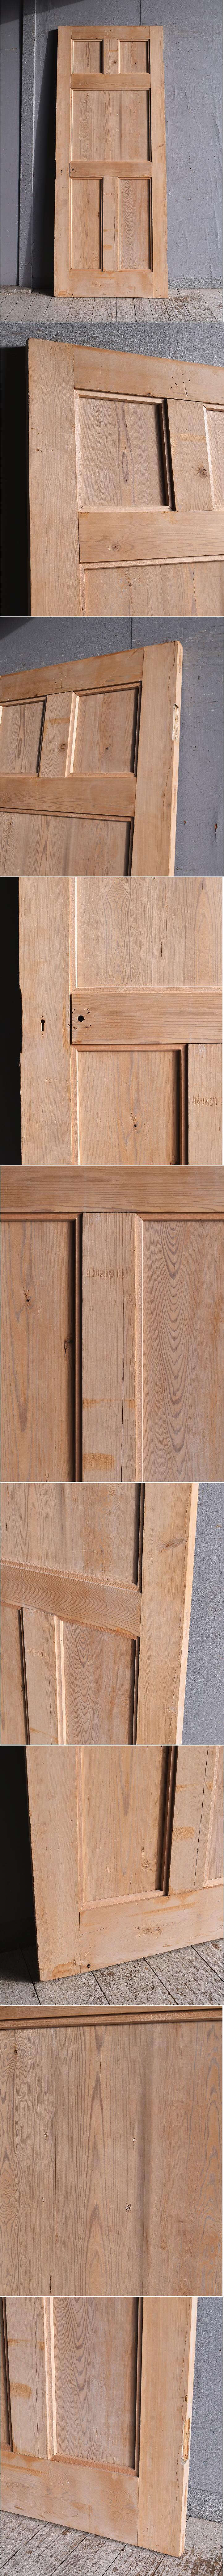 イギリス アンティーク オールドパイン ドア 扉 建具 9297